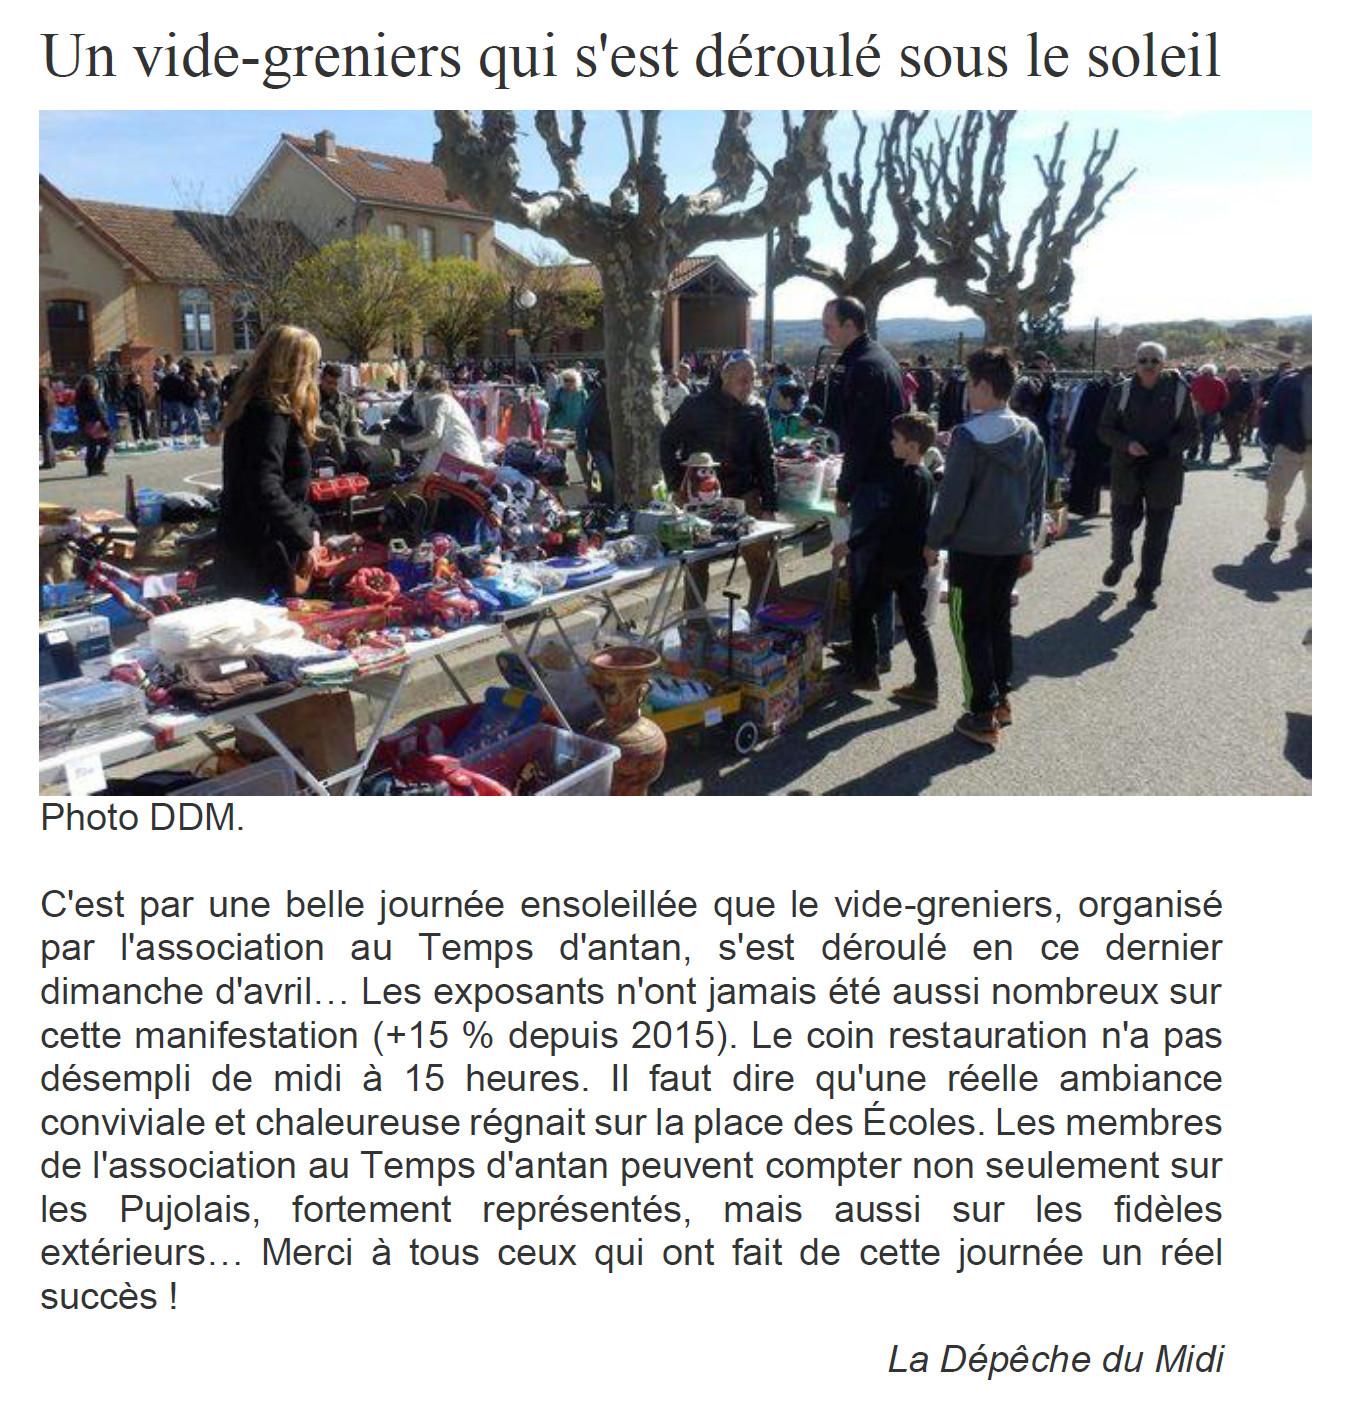 11-mai-2016-un-vide-grniers-qui-sest-deroule-sous-le-soleil